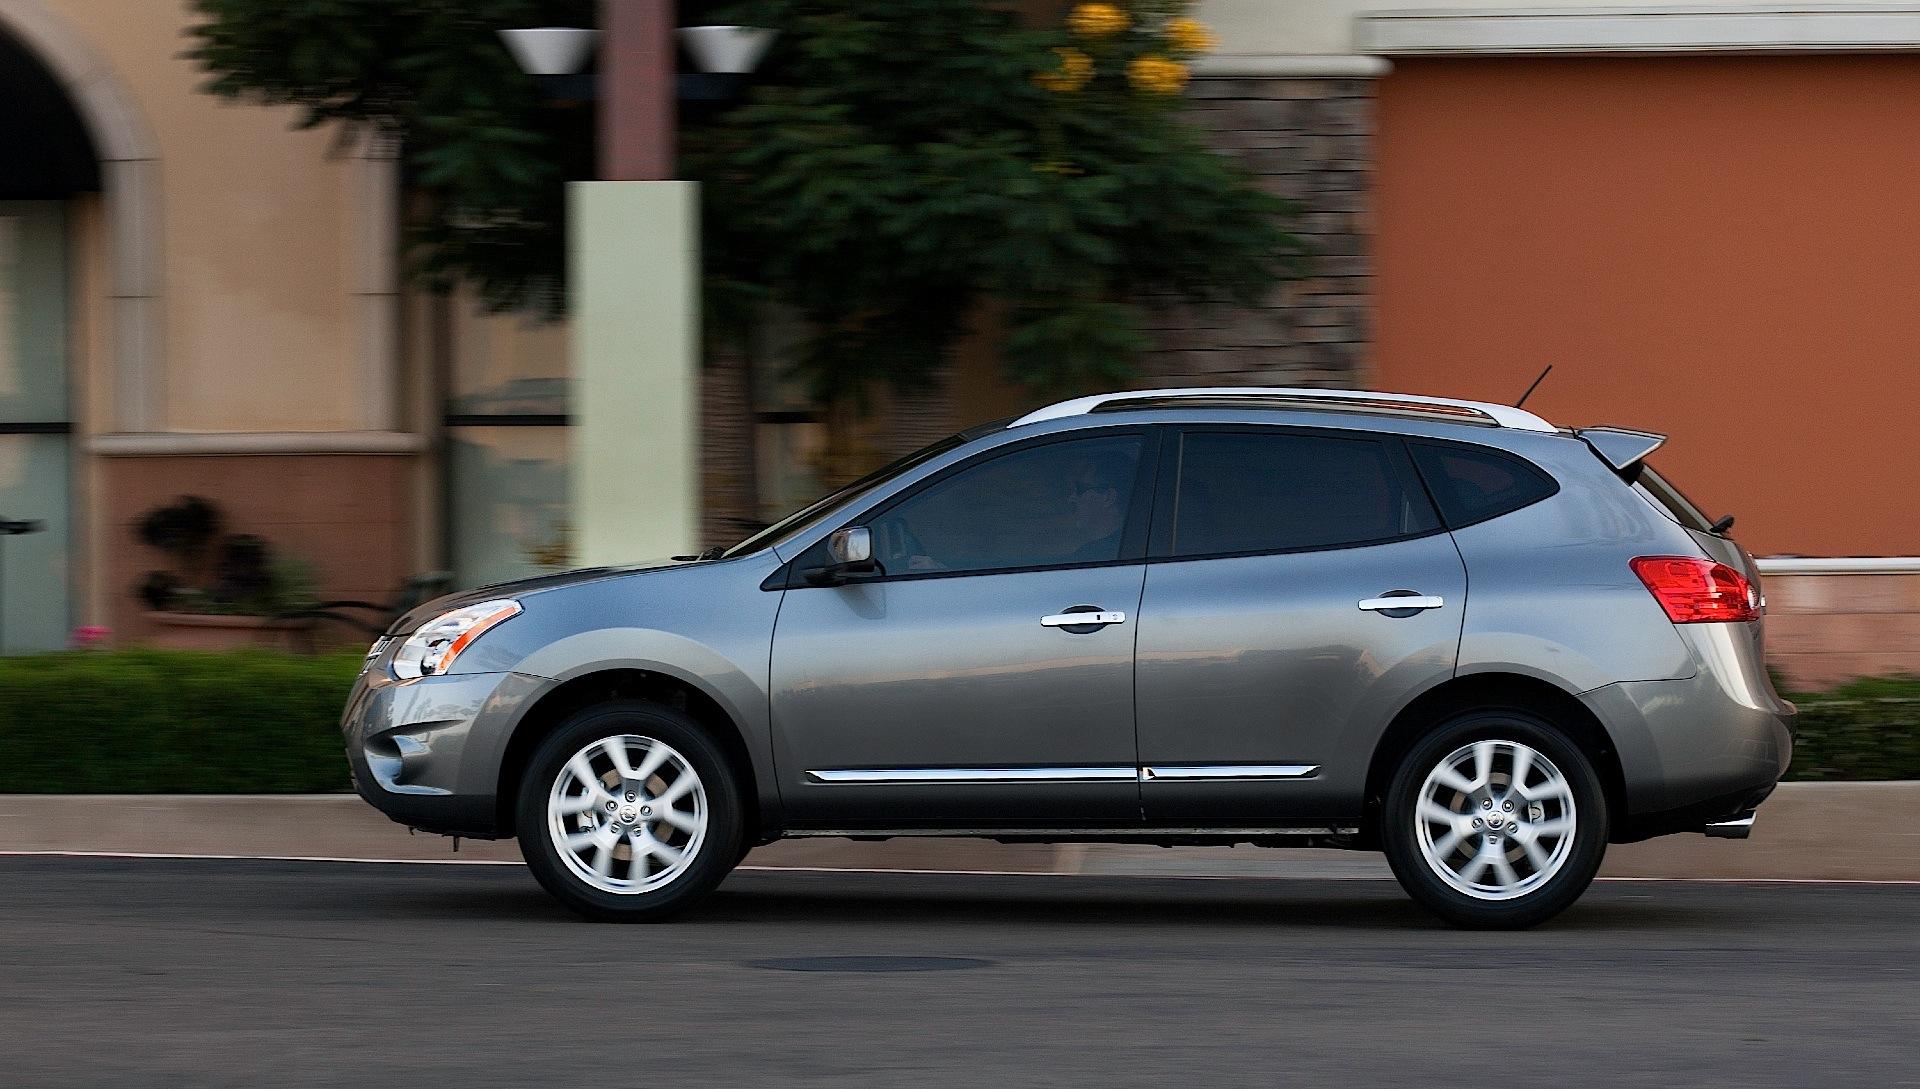 Nissan Rogue Specs 2007 2008 2009 2010 2011 2012